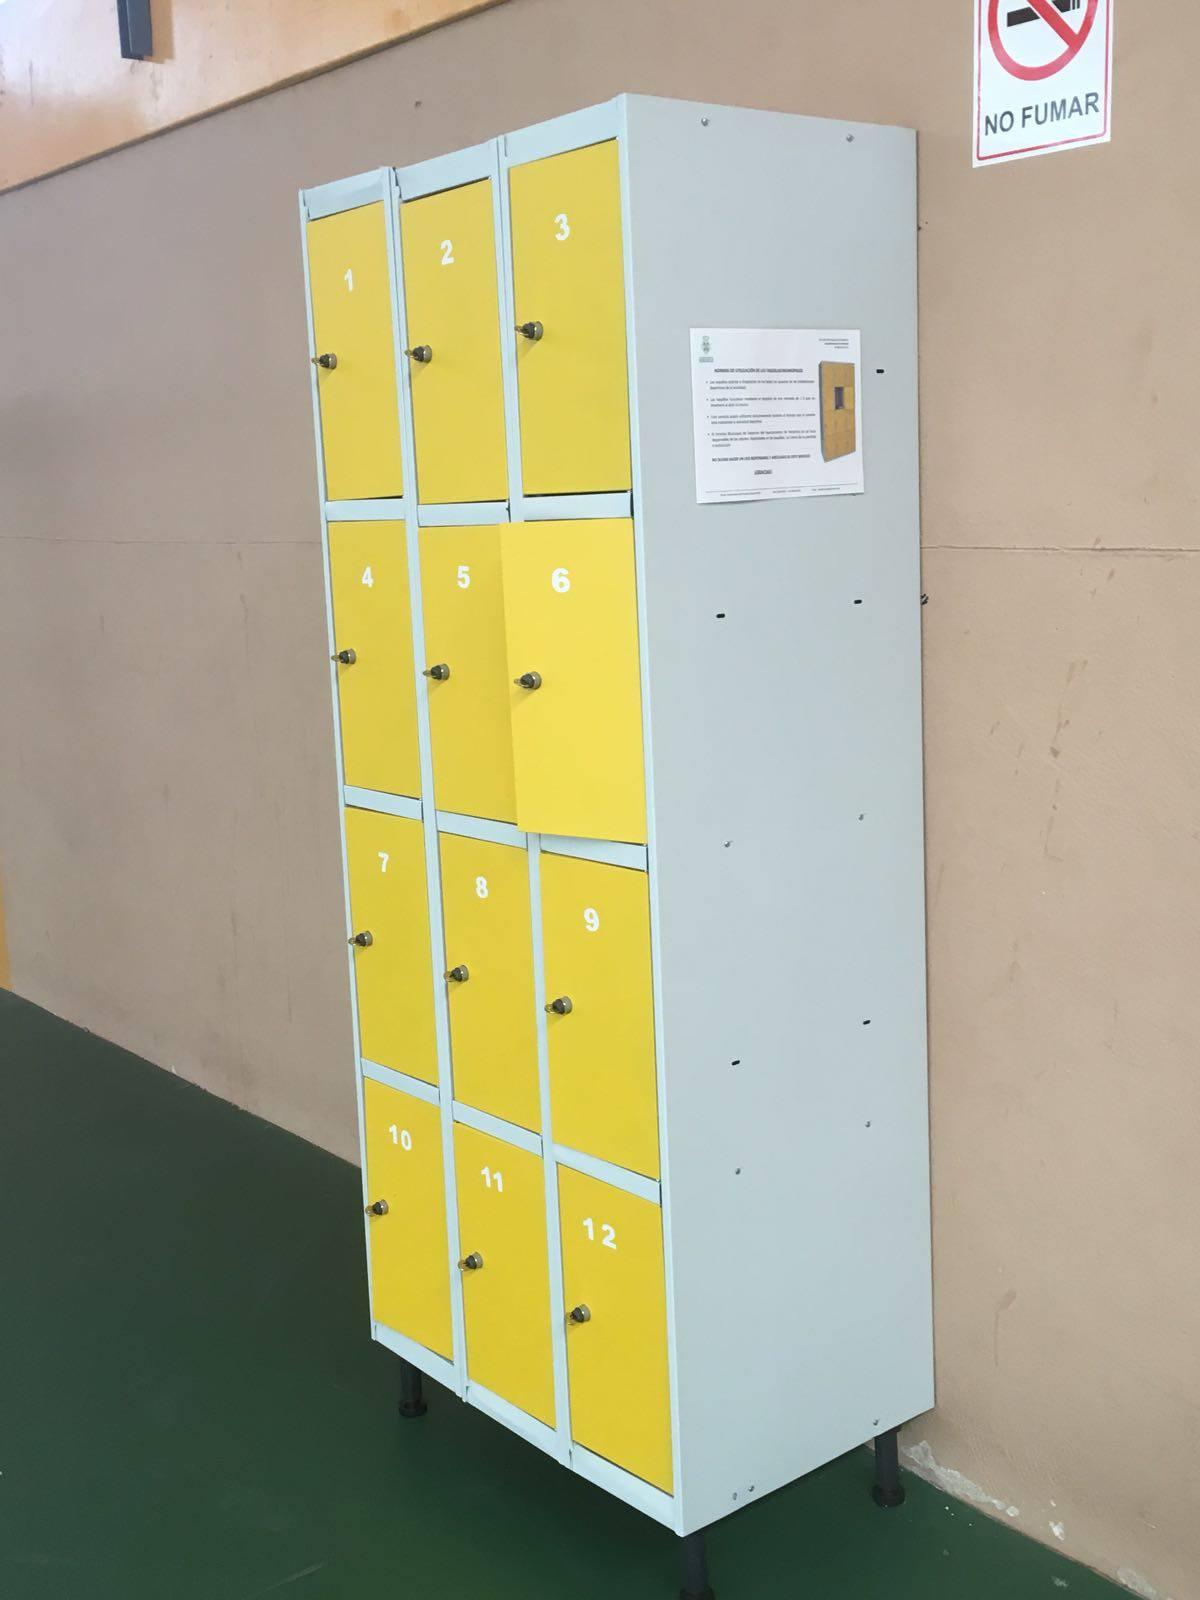 Instalación de taquillas en instalaciones deportivas 7